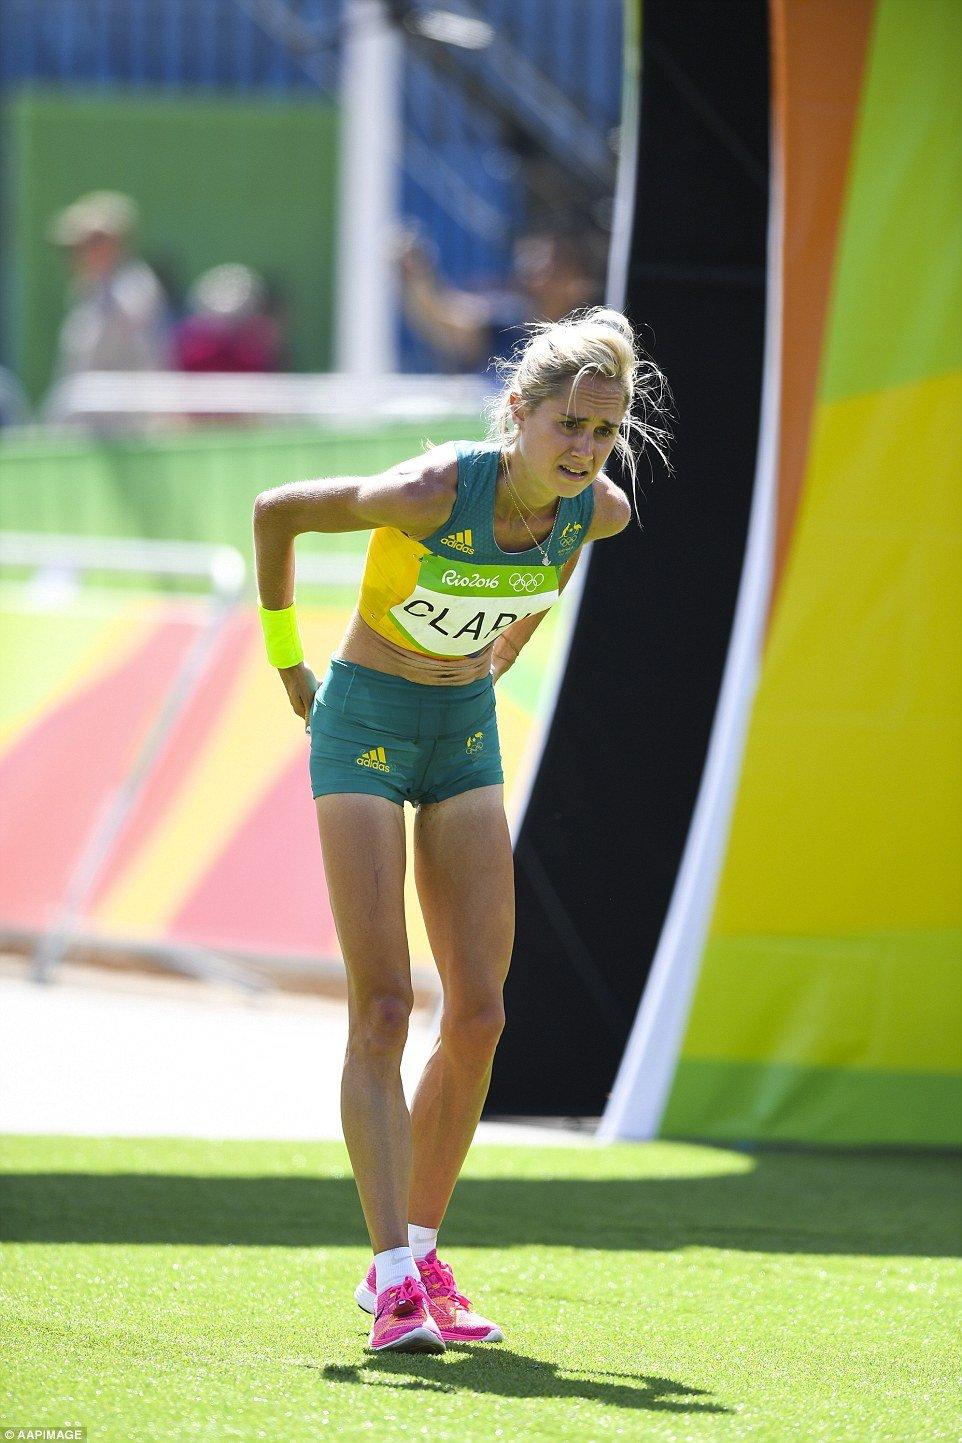 thin marathon runners